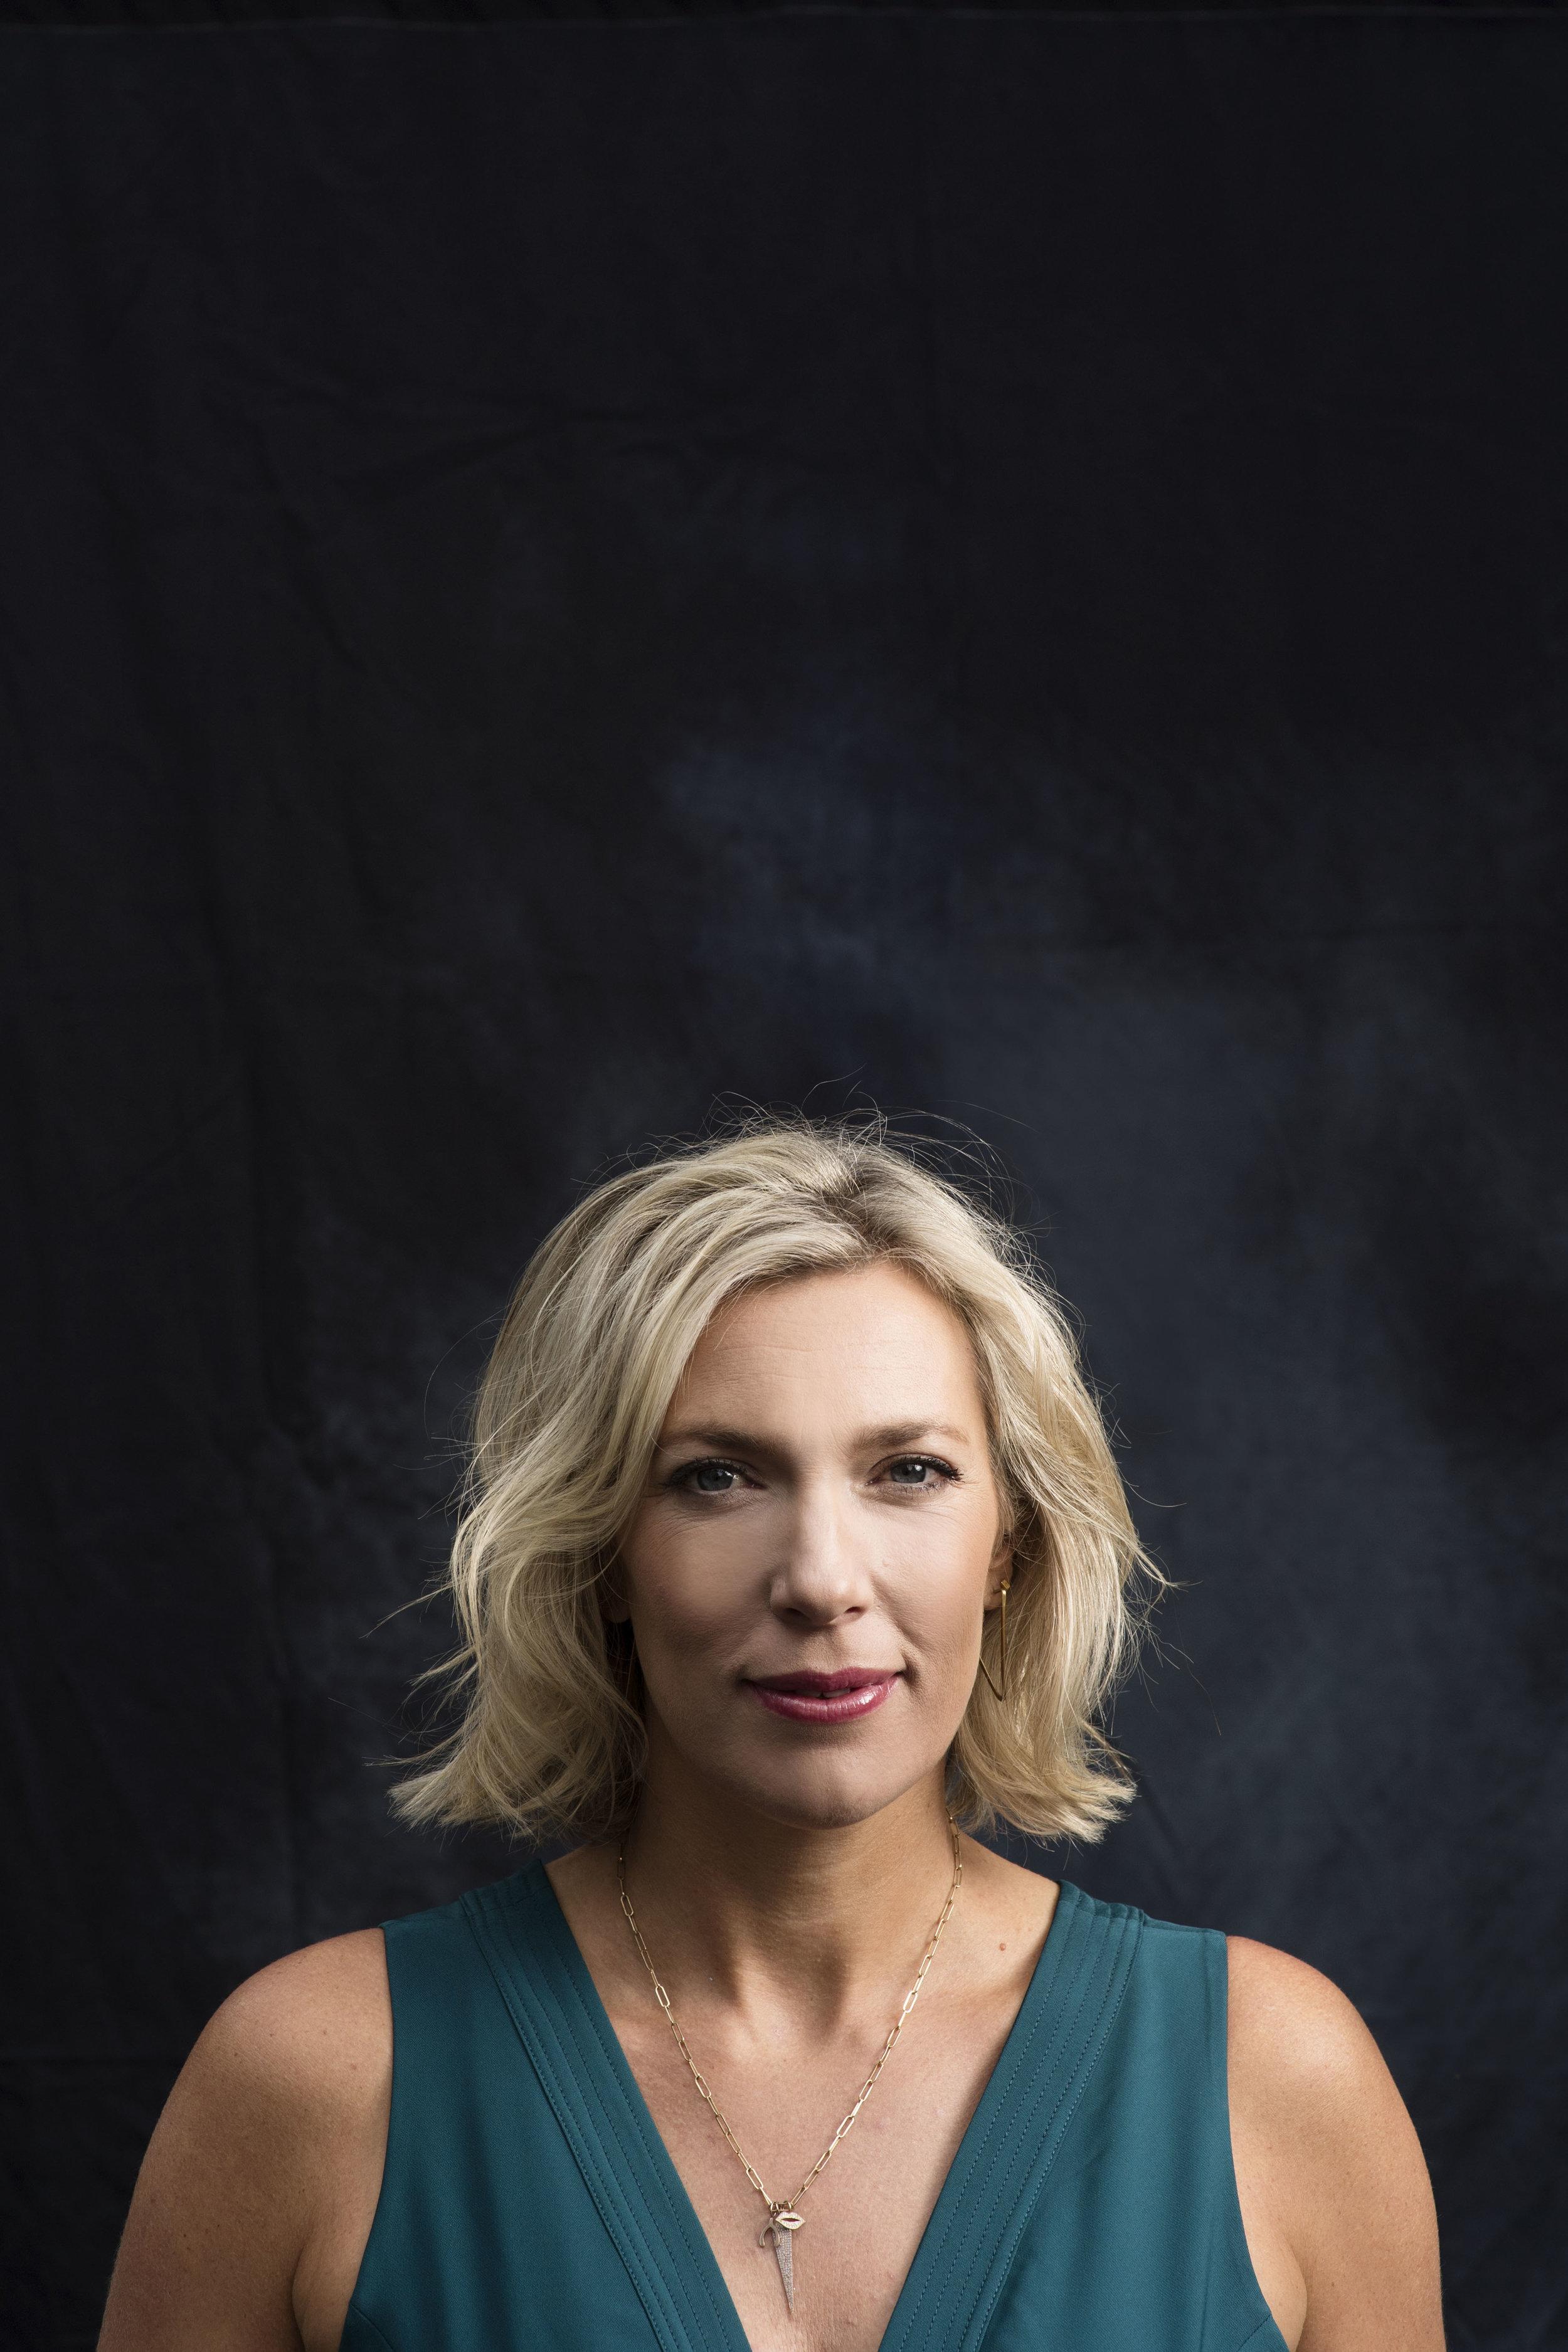 Carrie Montgomery Headshot 2.jpg